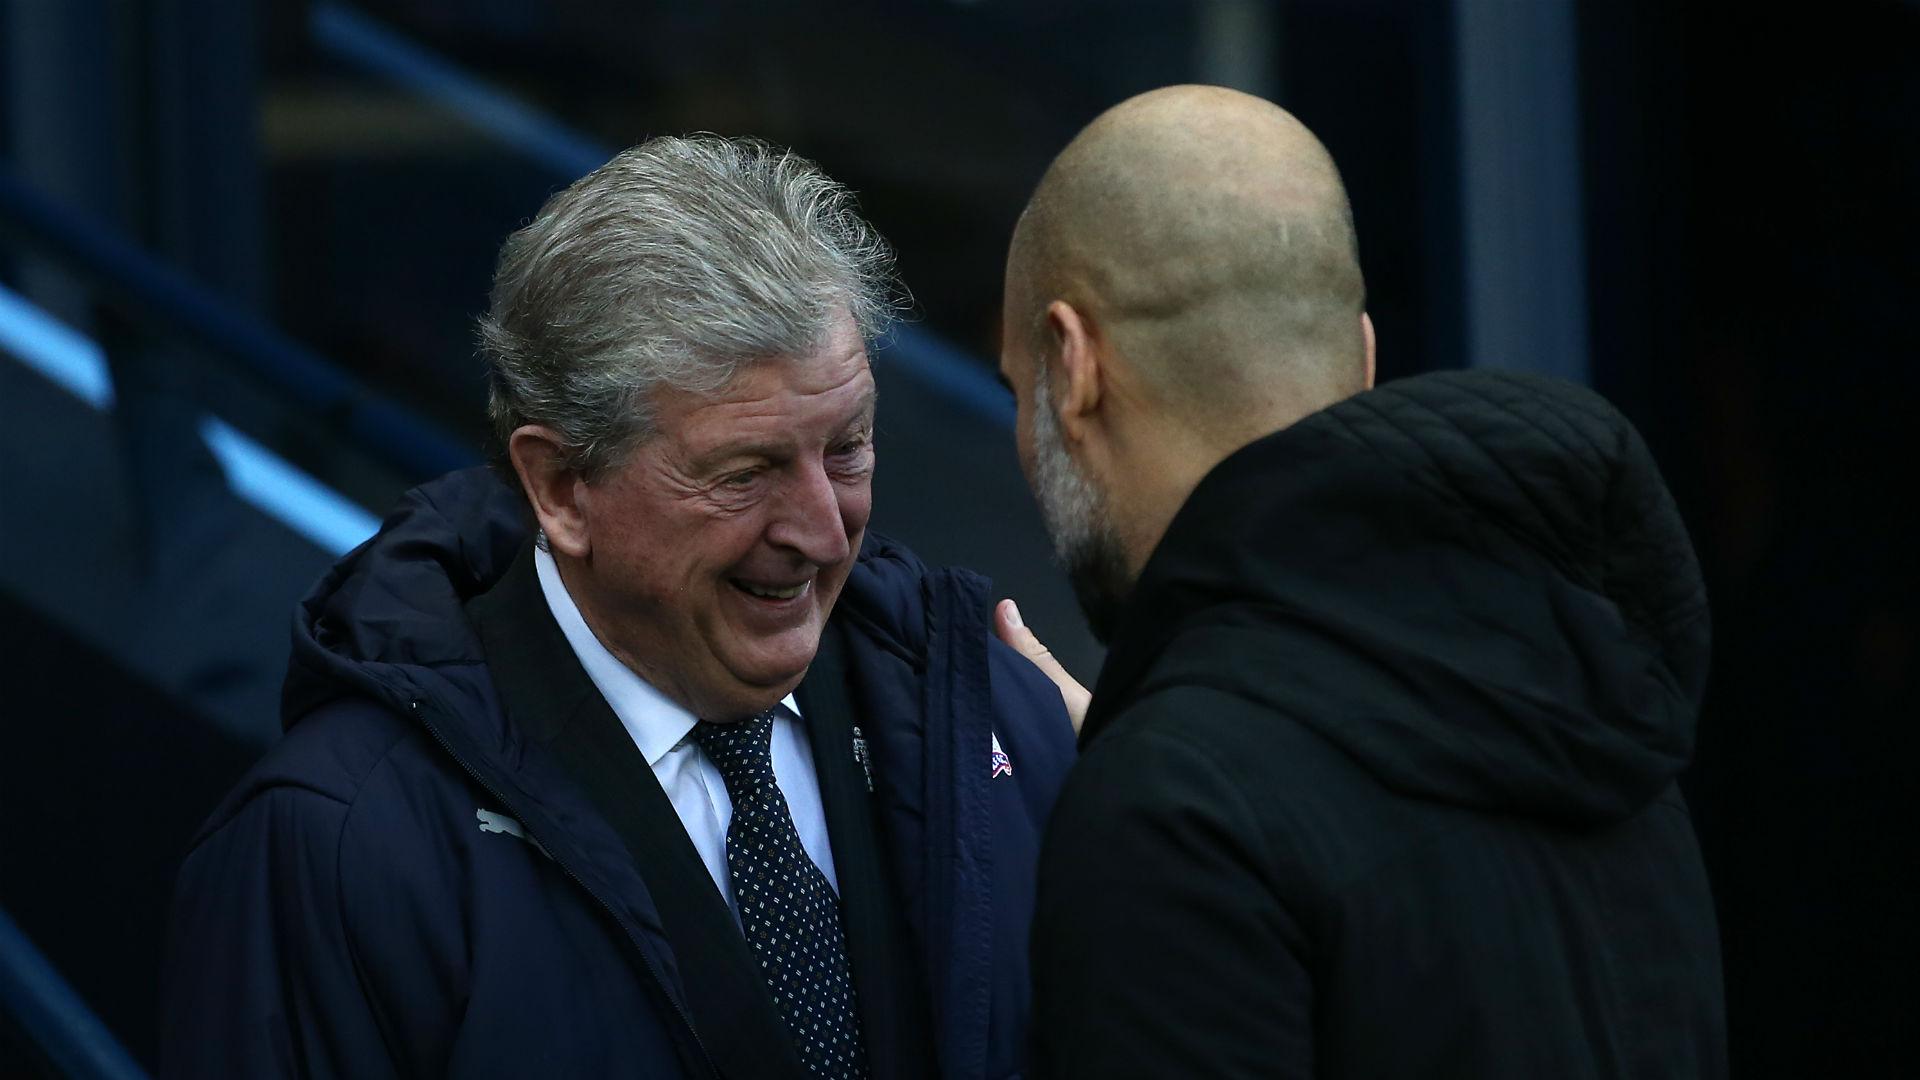 Hodgson must be bored at home - Guardiola marvels at Palace boss